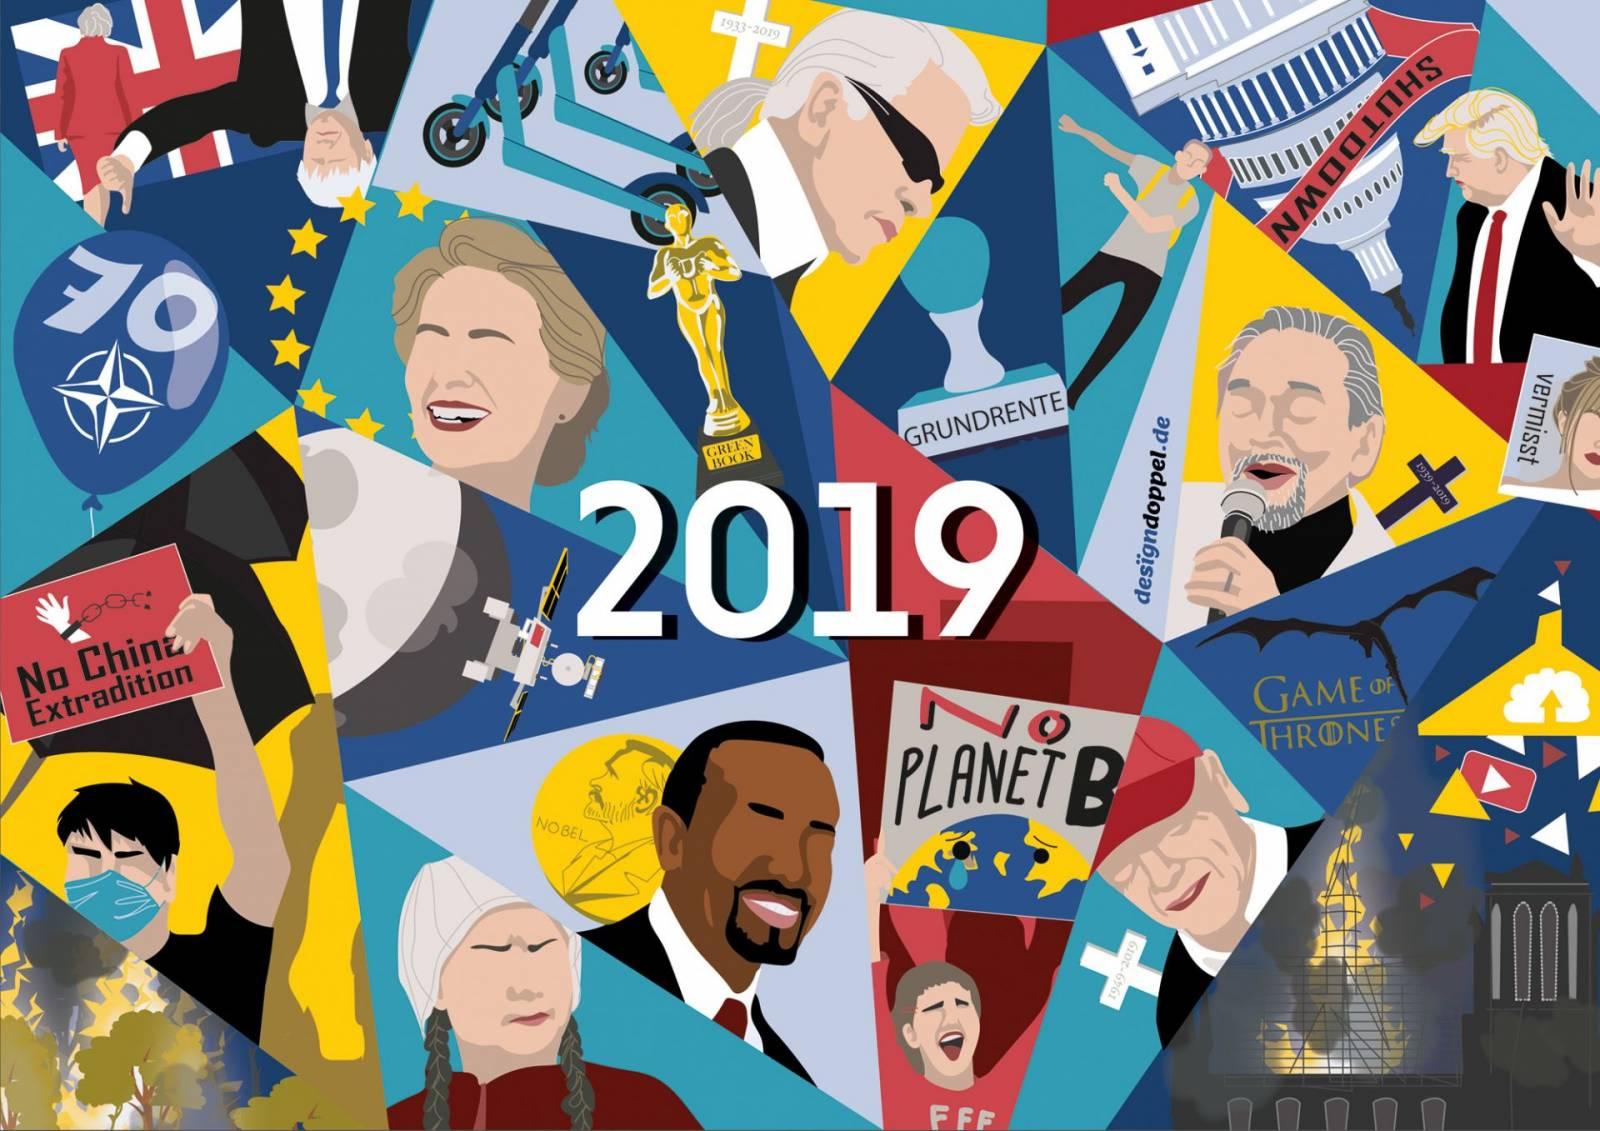 Illustrierter Jahresrückblick 2019 Illustration Grafik